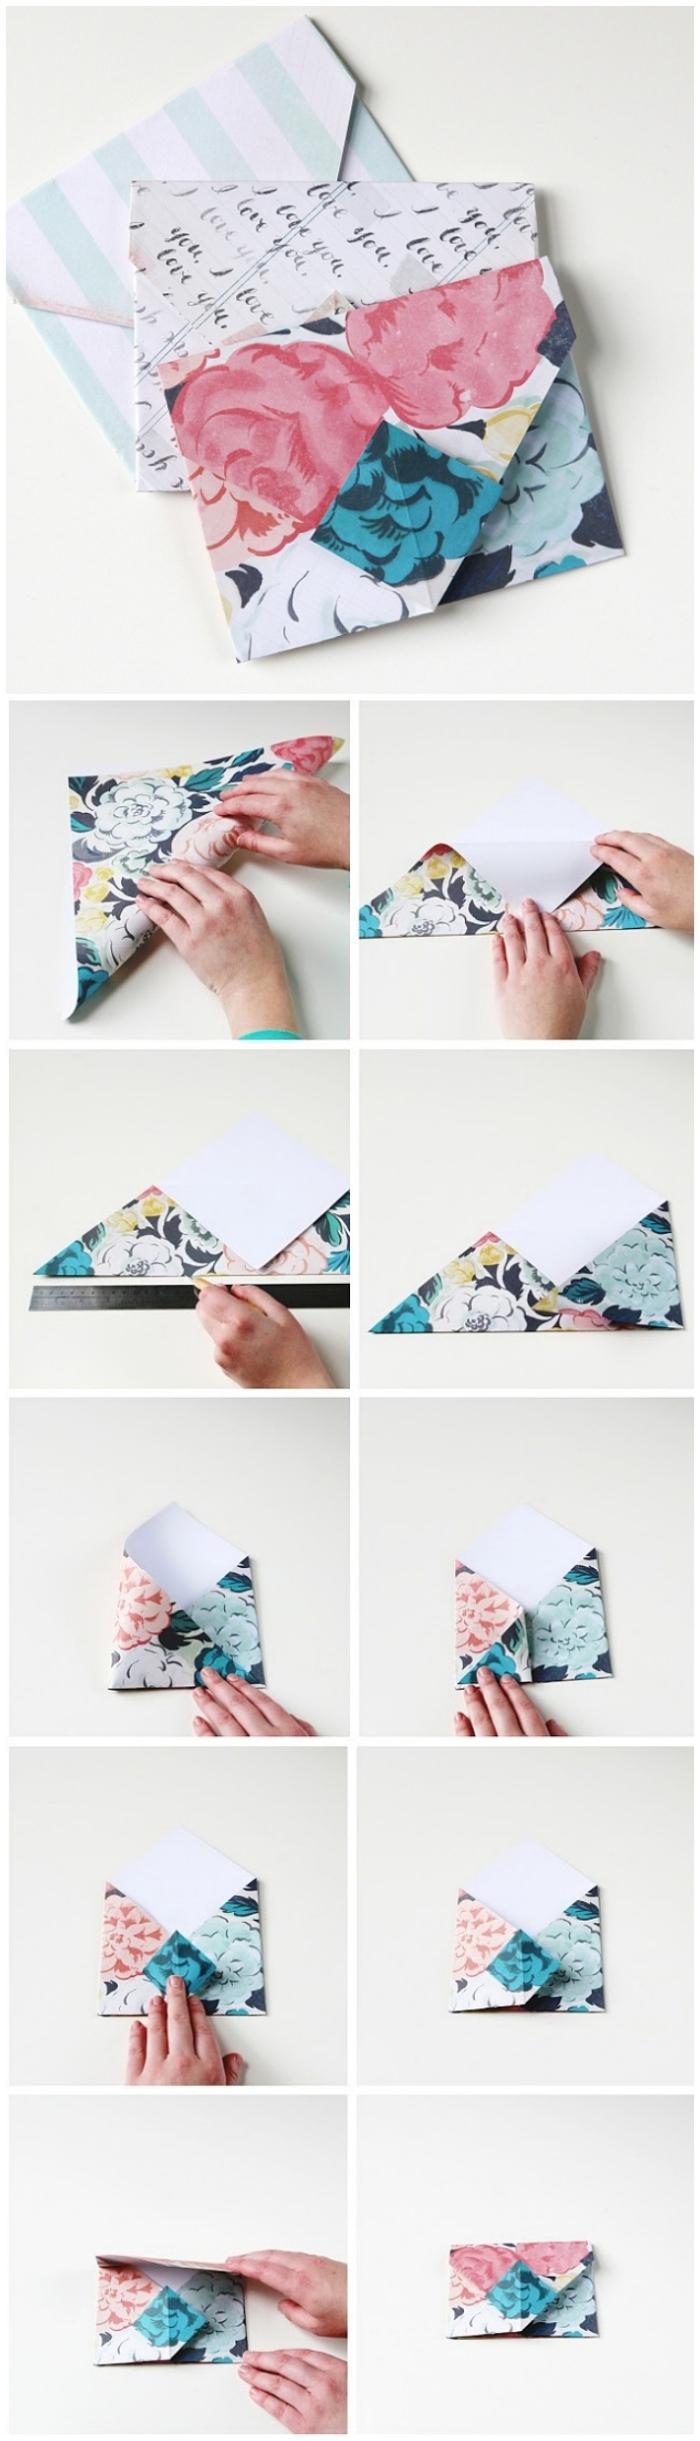 la technique de pliage enveloppe expliquée en photos, mini-enveloppe traditionnelle origami pour une carte de voeux personnalisée ou un bon cadeau